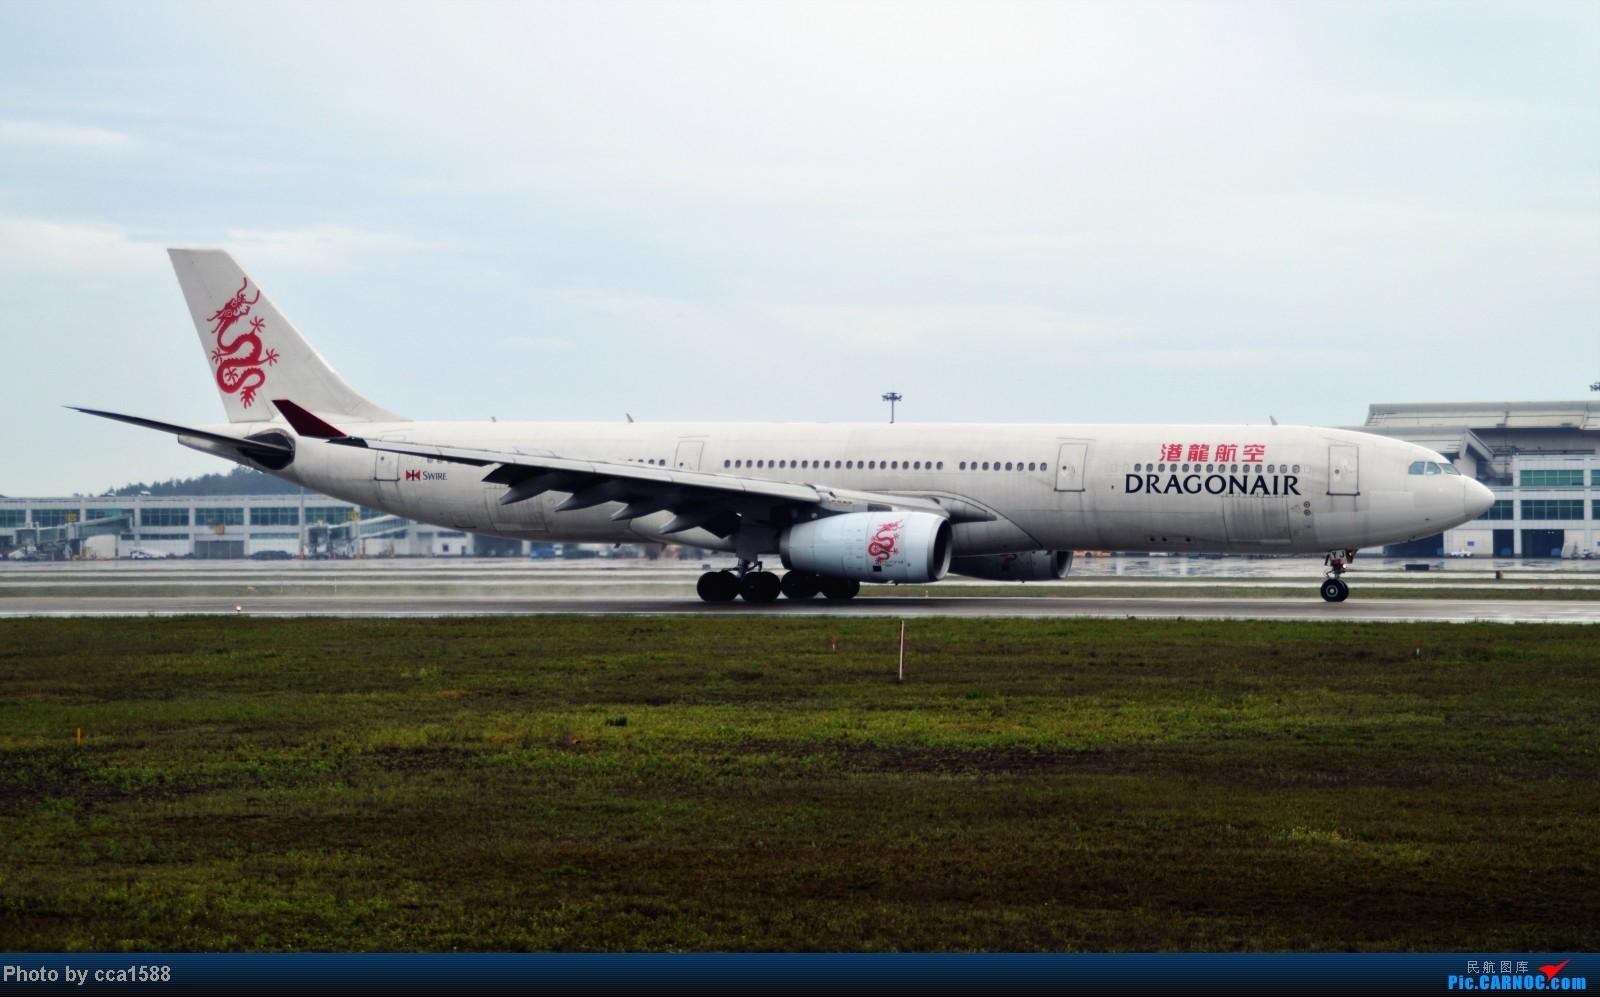 [原创]4.26FOC拍机--烂天出好机,各种奇葩货~~ AIRBUS A330-300 B-HYJ 中国福州长乐机场